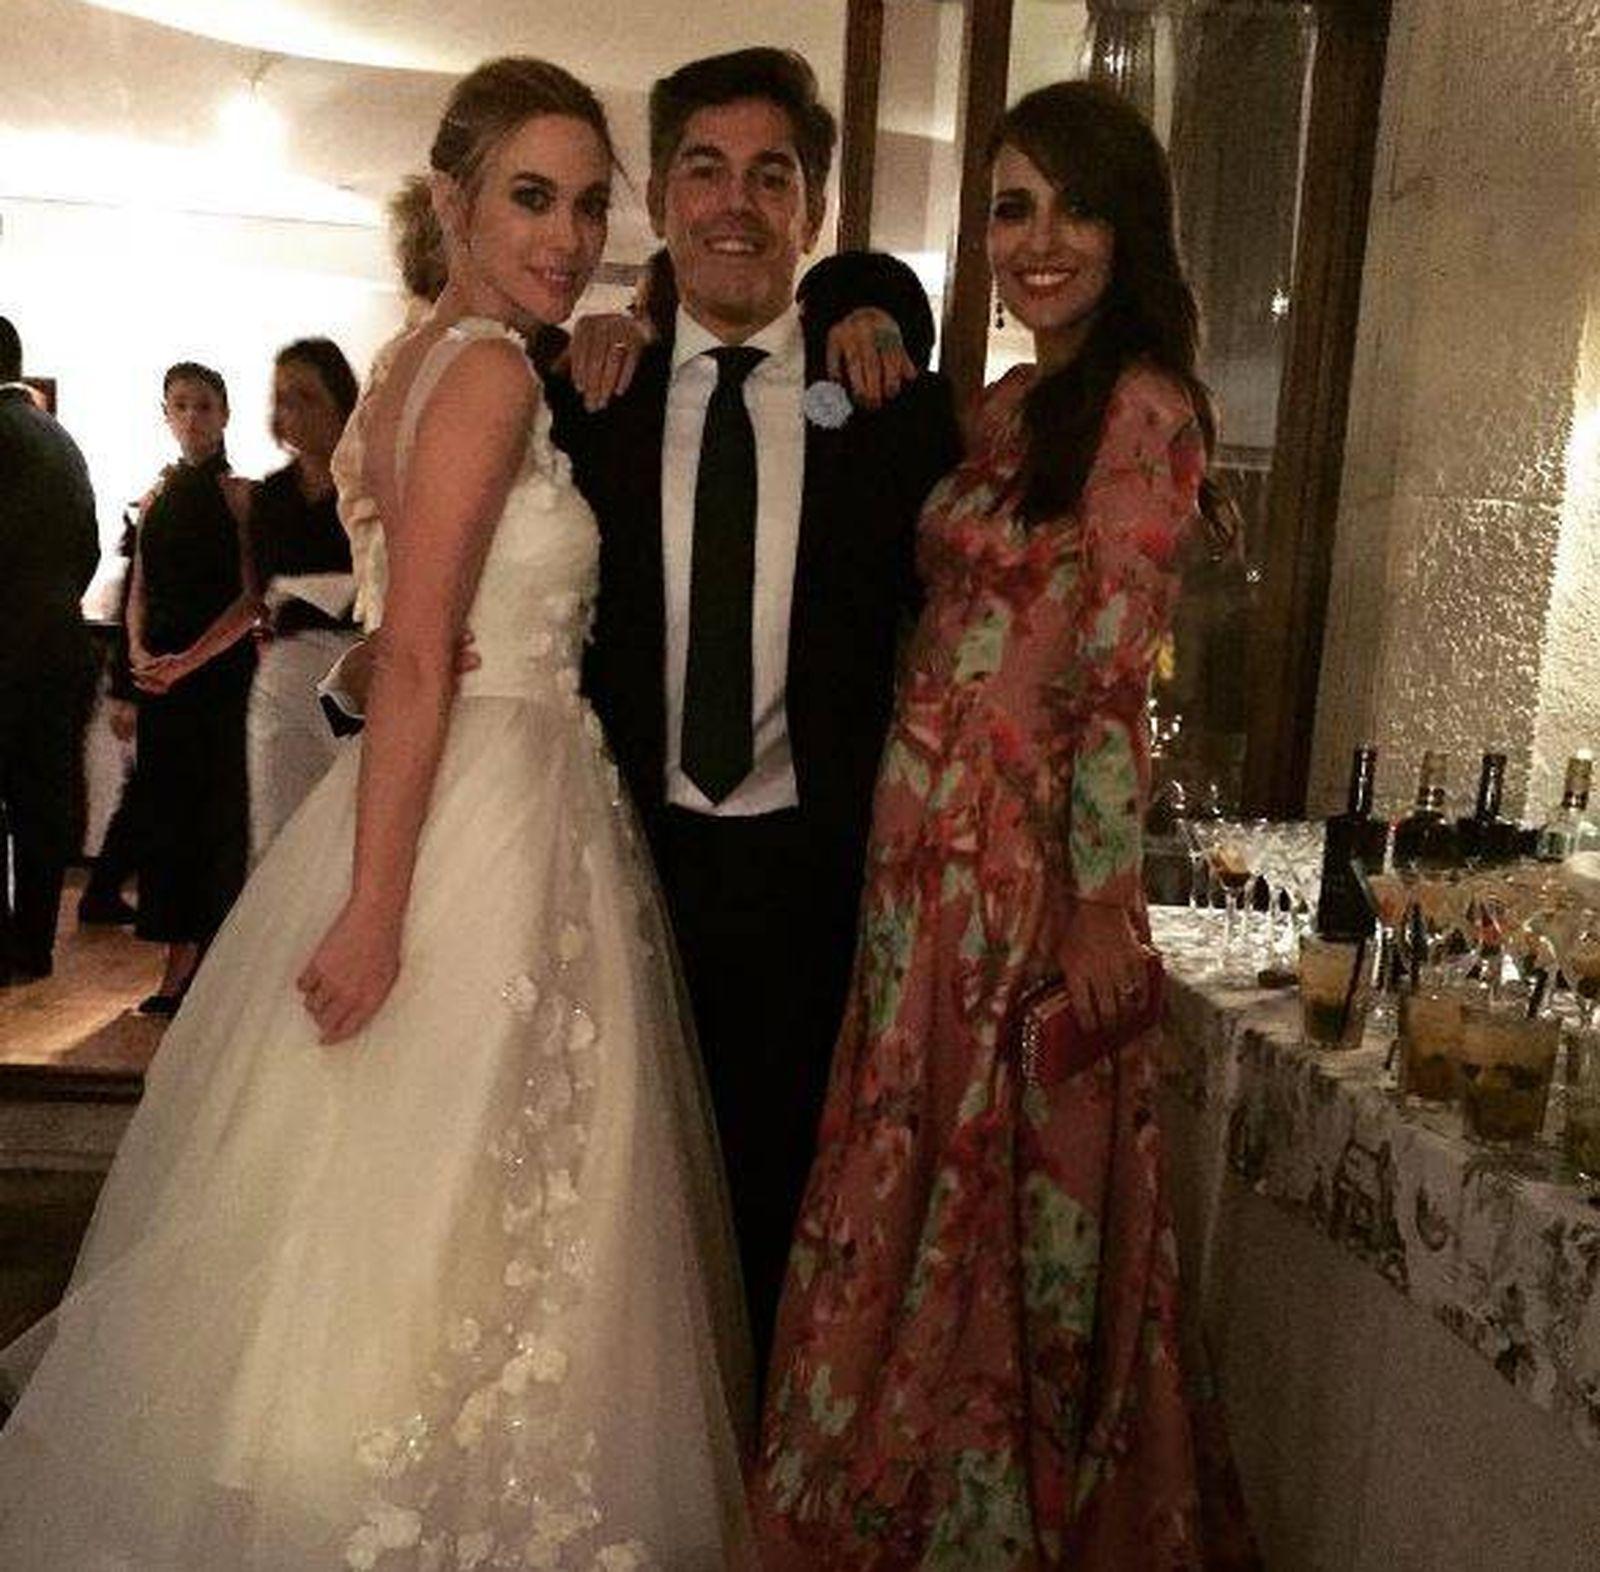 Vestidos invitadas boda jorge vazquez